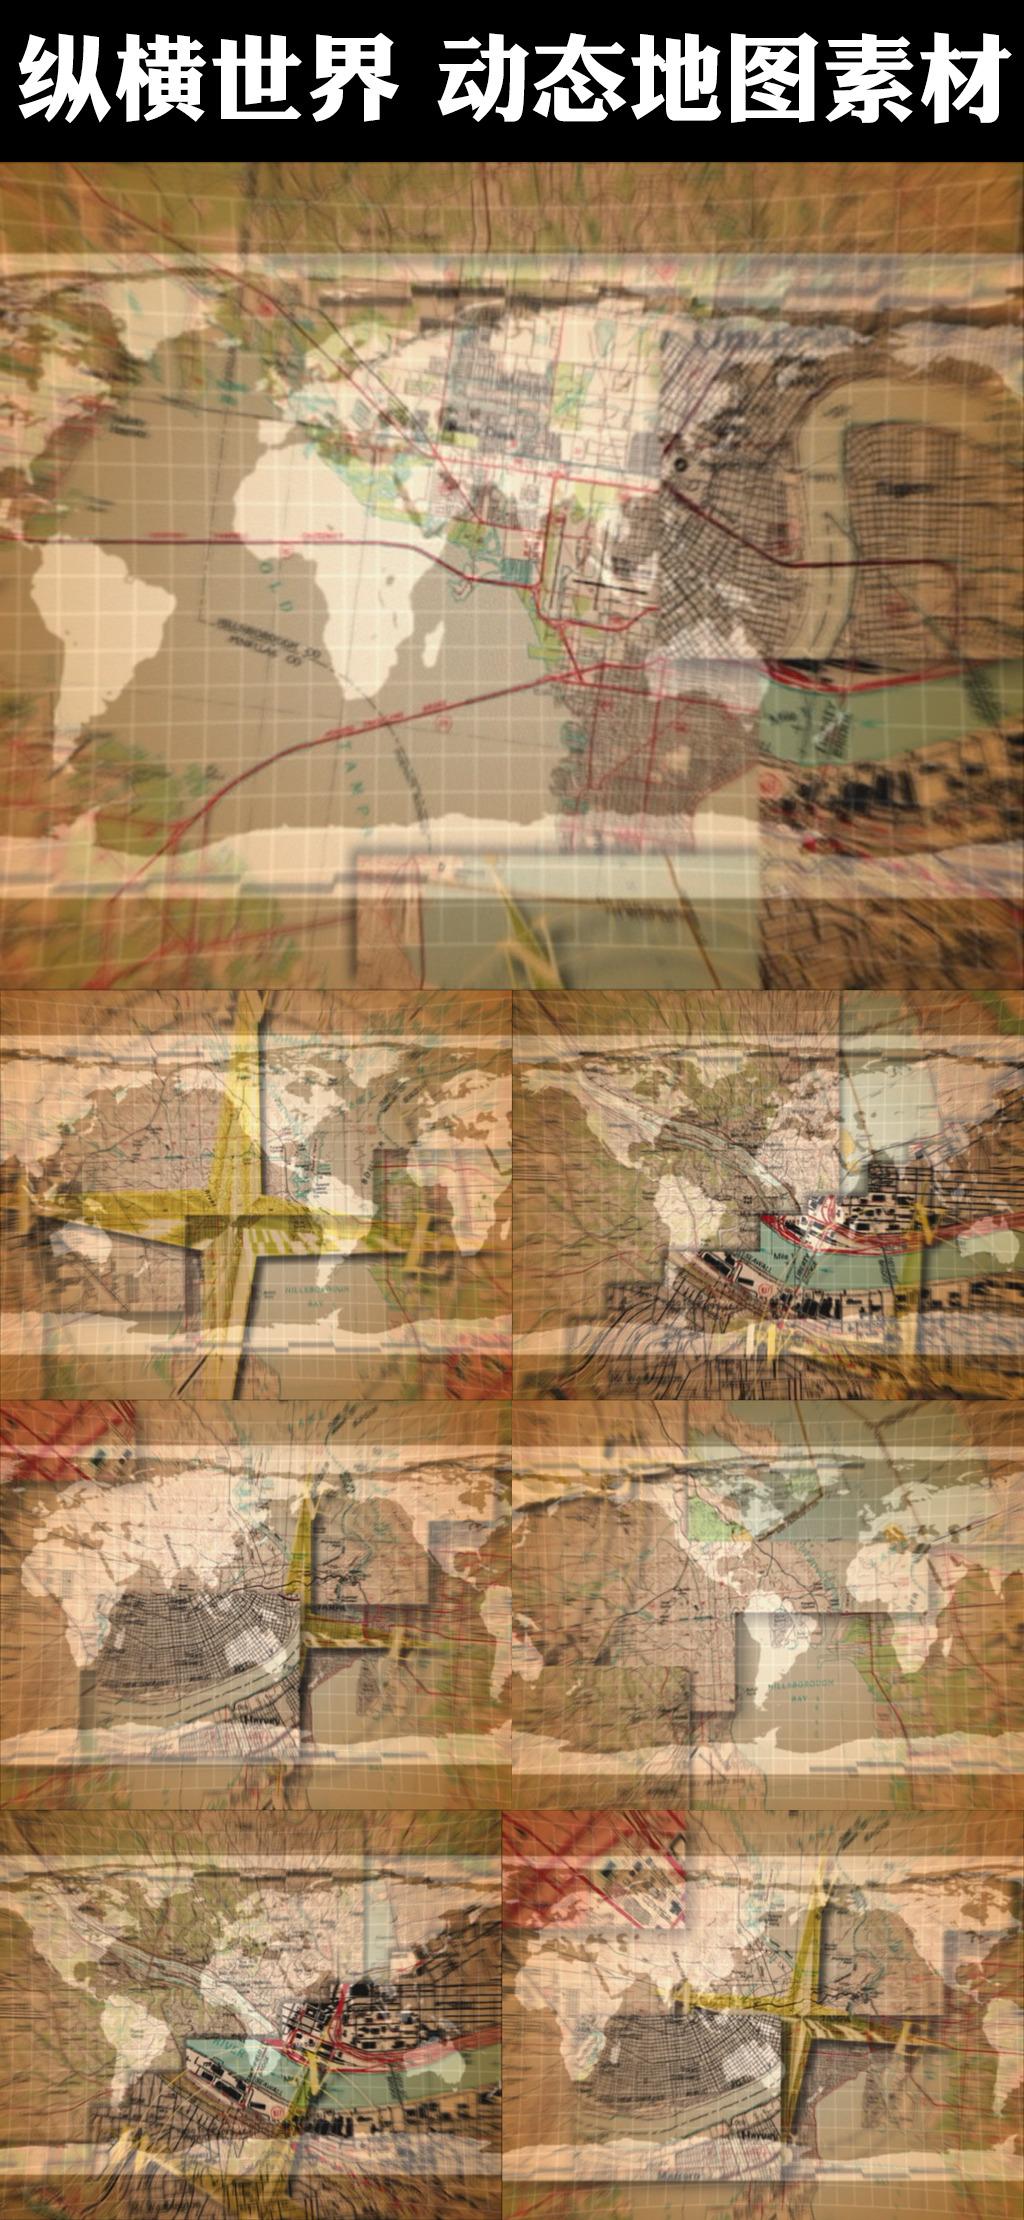 世界纵横动态地图视频素材模板下载(图片编号:)